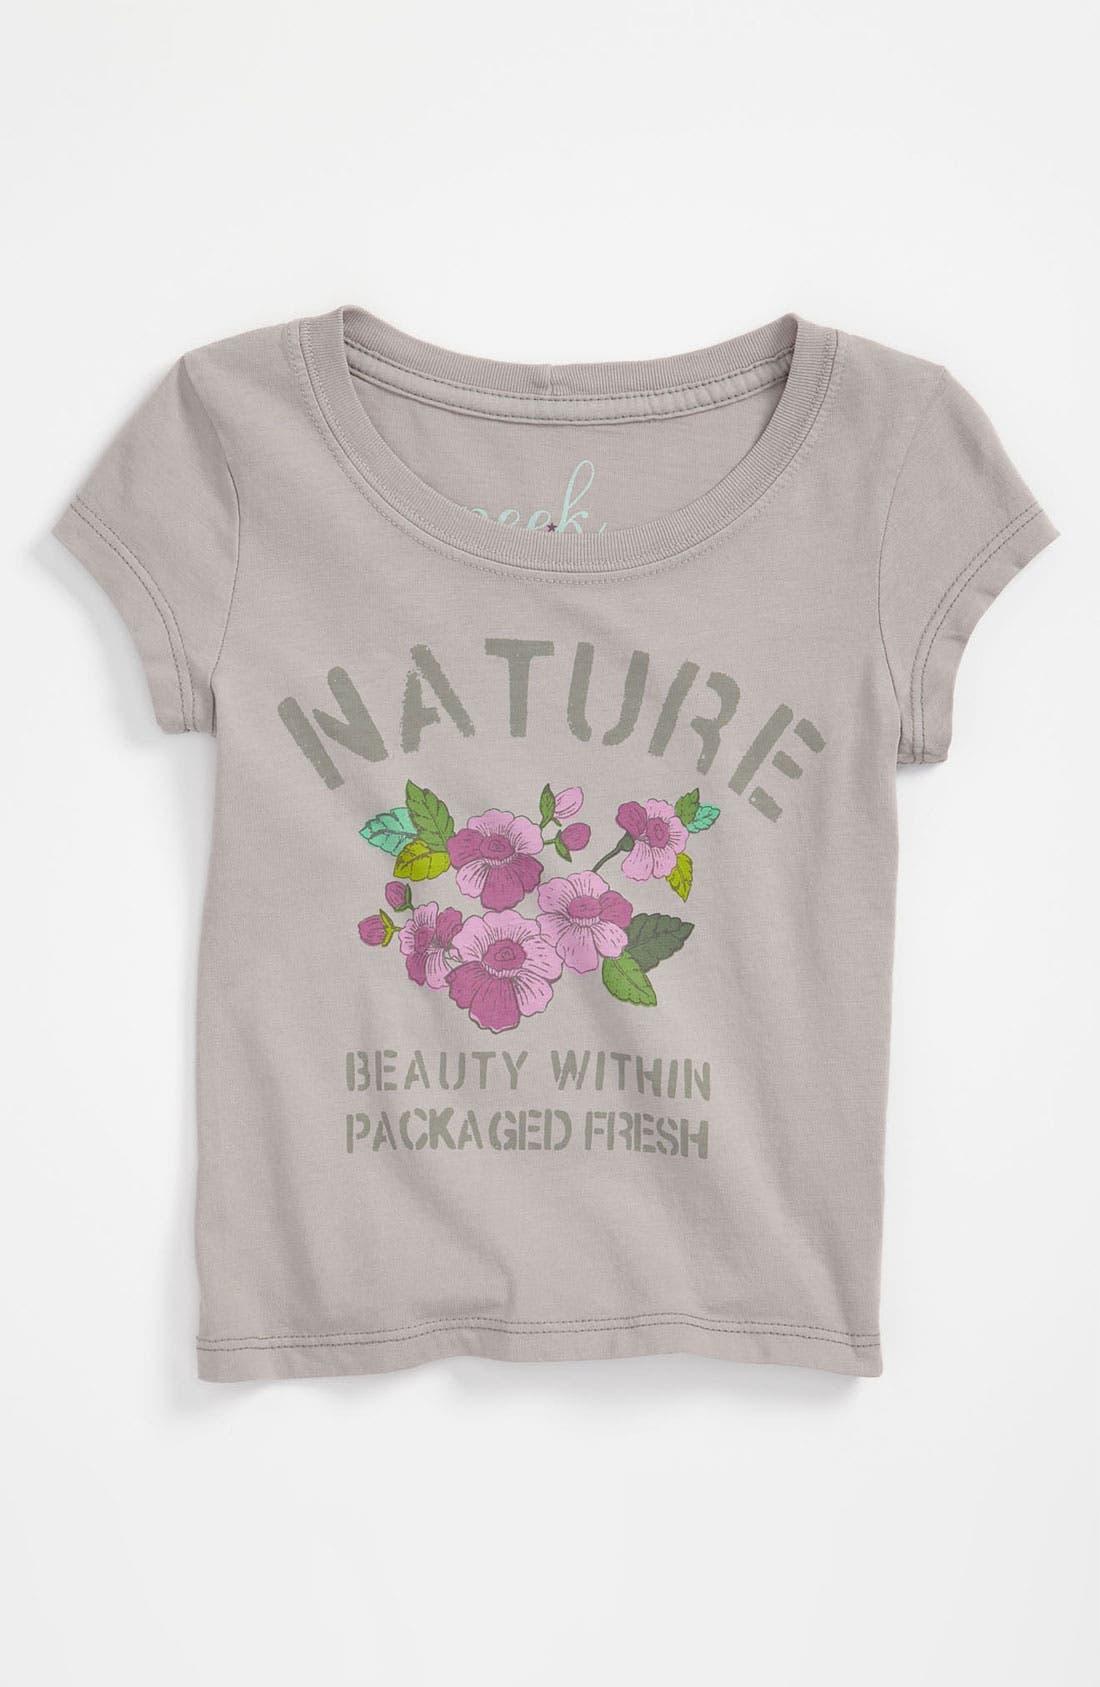 Alternate Image 1 Selected - Peek 'Nature' Tee (Toddler, Little Girls & Big Girls)